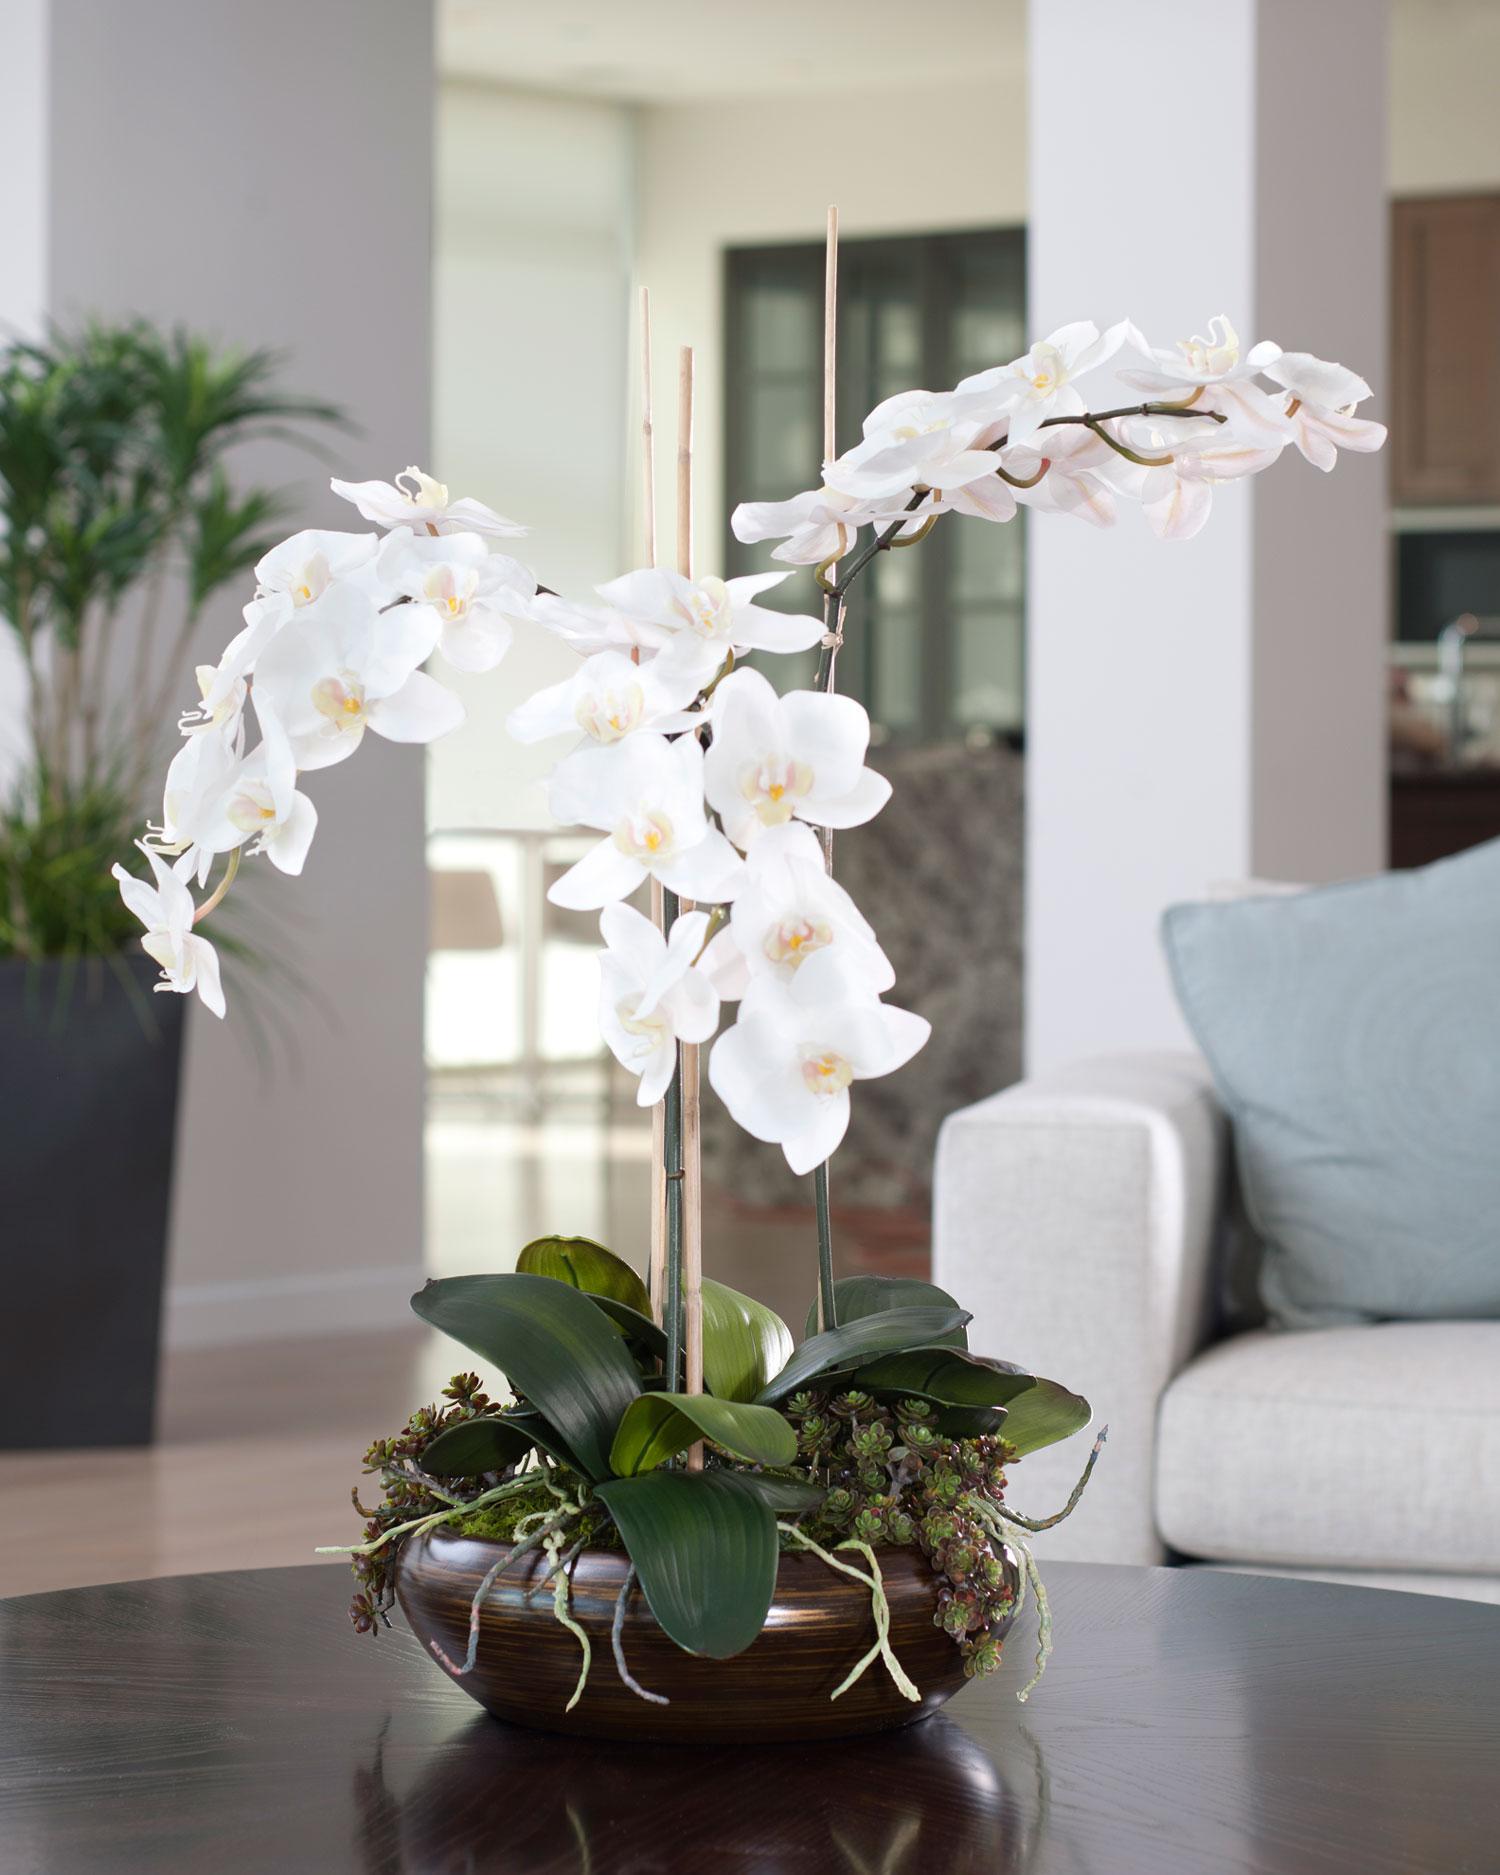 orhideja kucno cvijece koje donosi srecu